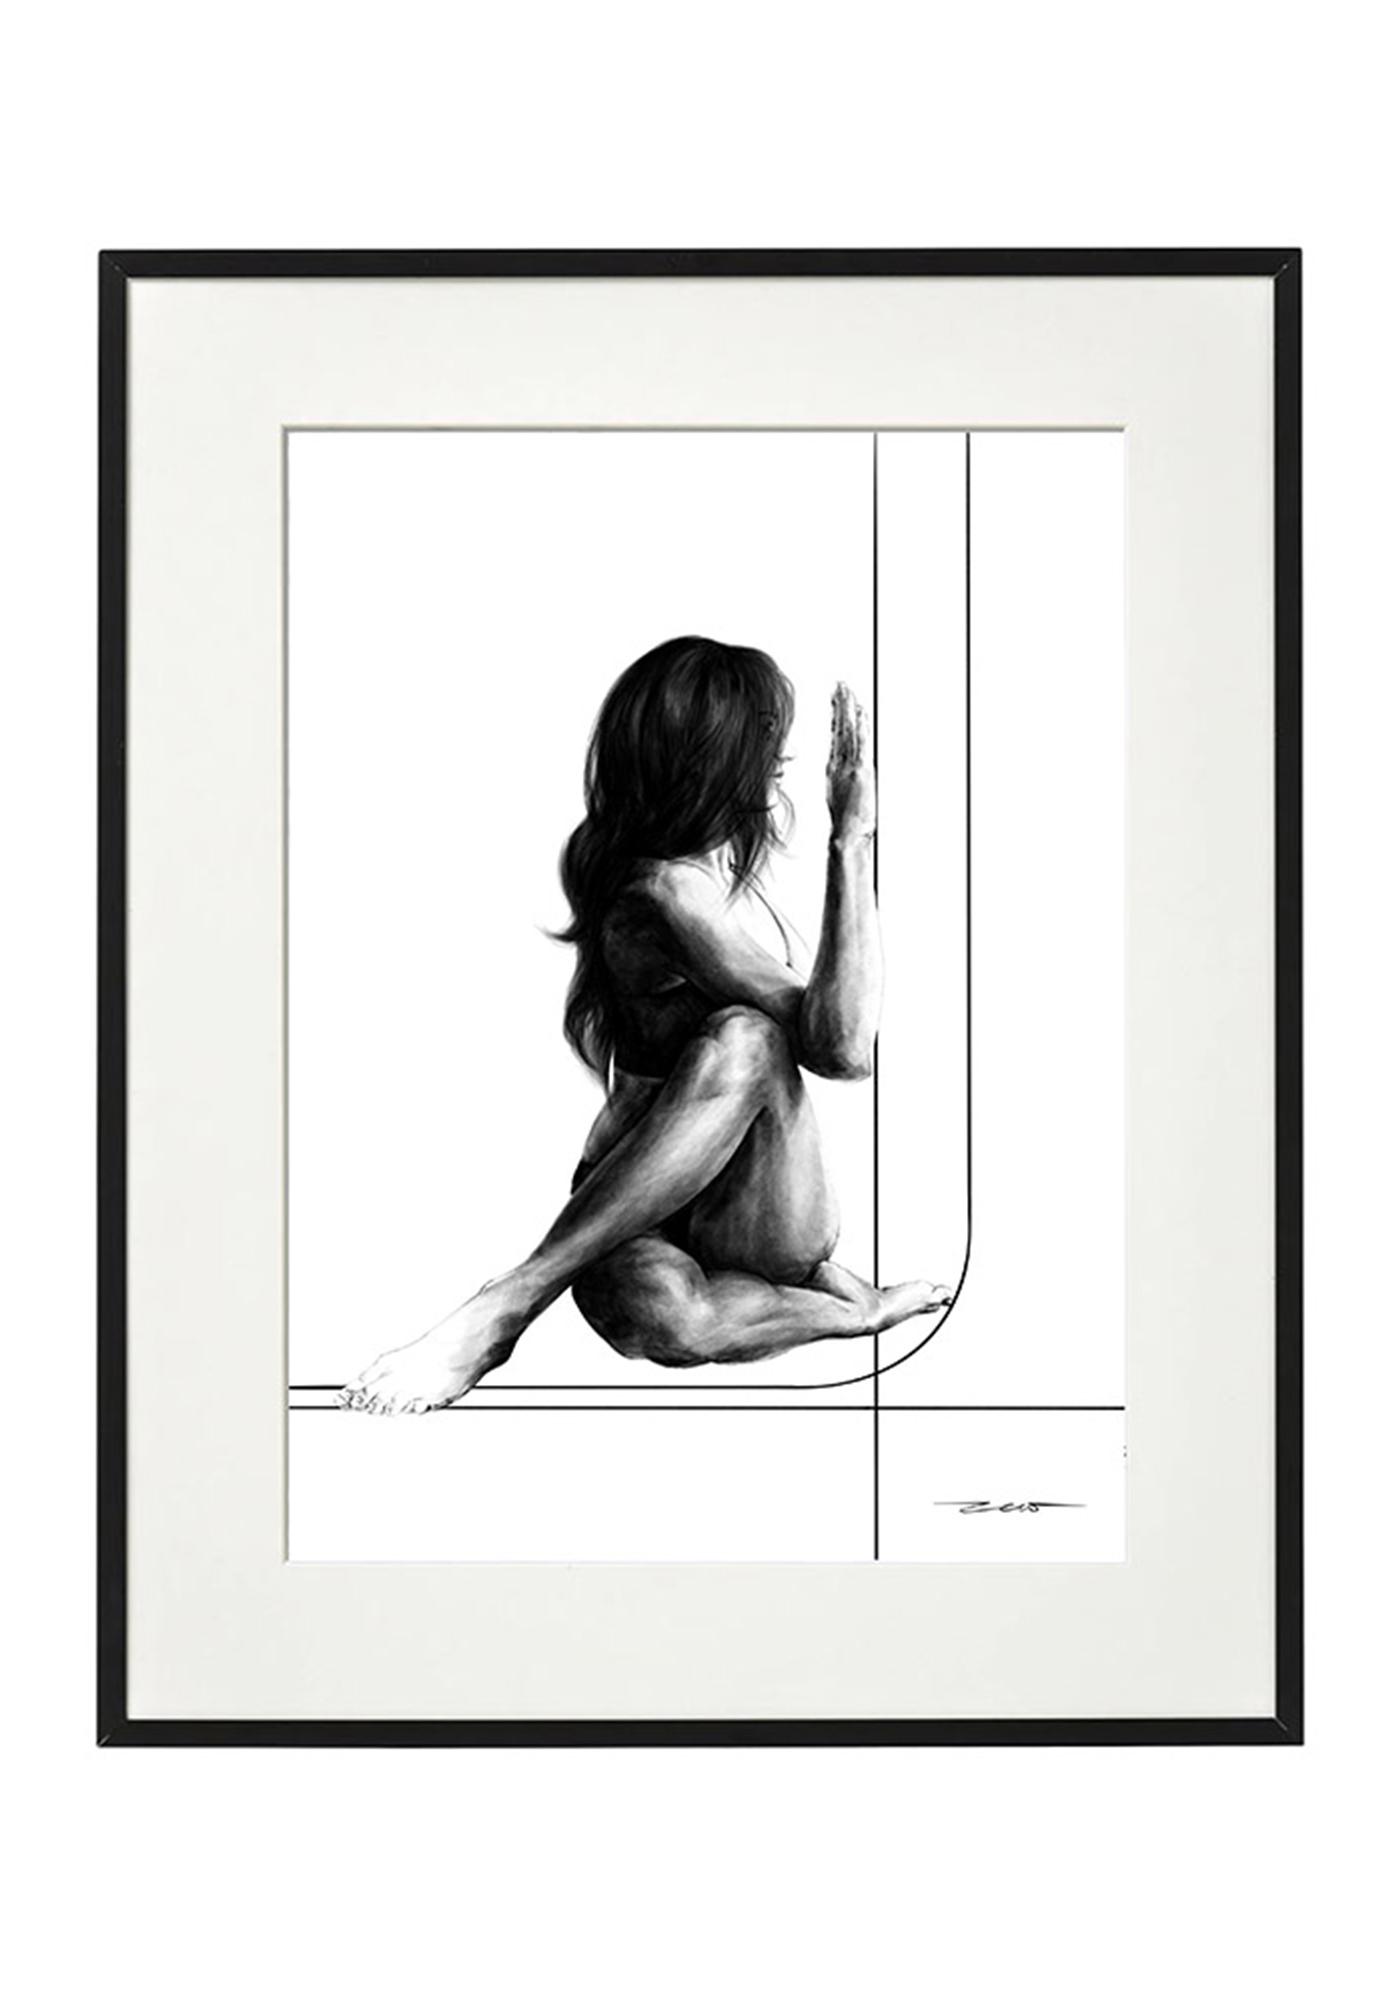 plakat joga   Marichyasana   pozycja Mędrca - zew.gallery   JestemSlow.pl